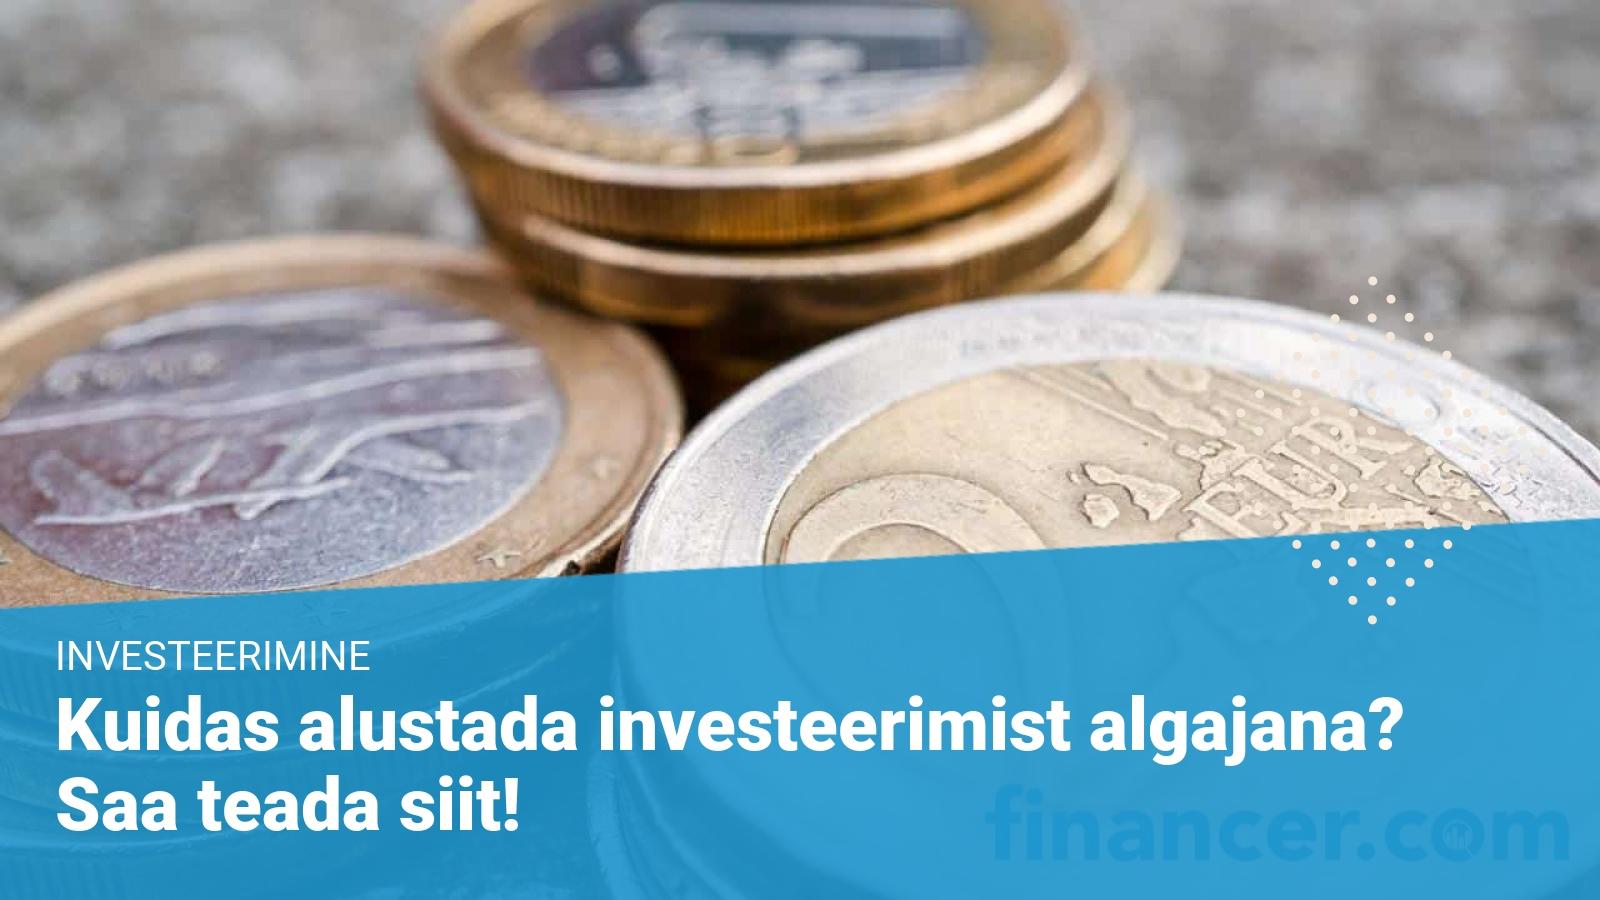 investeerimine - juhend algajale